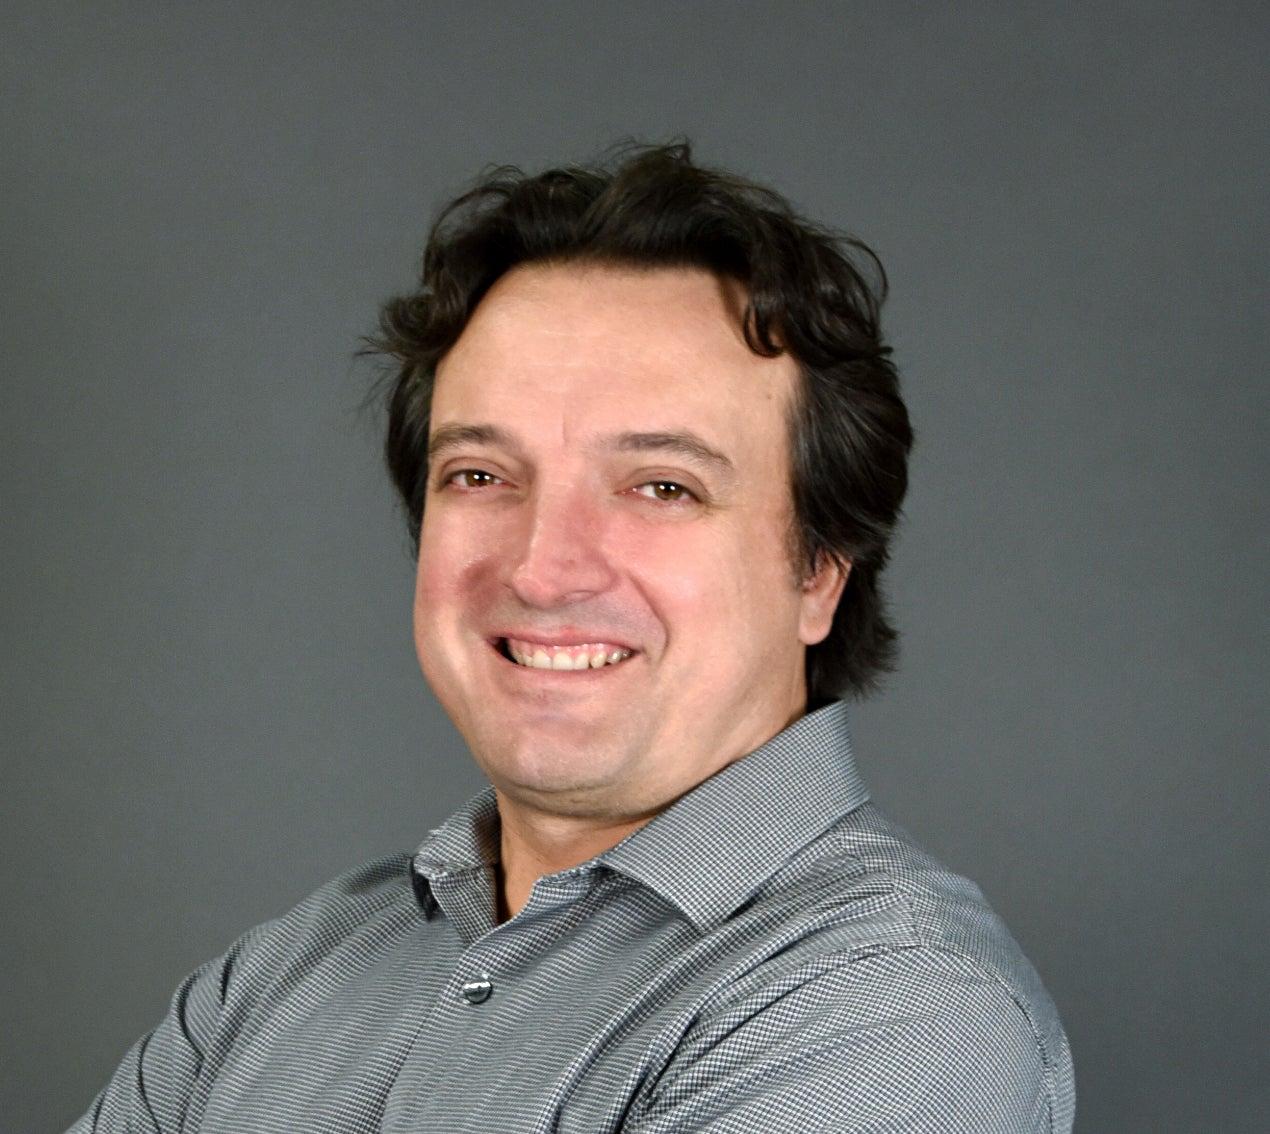 Mauro Nalesso